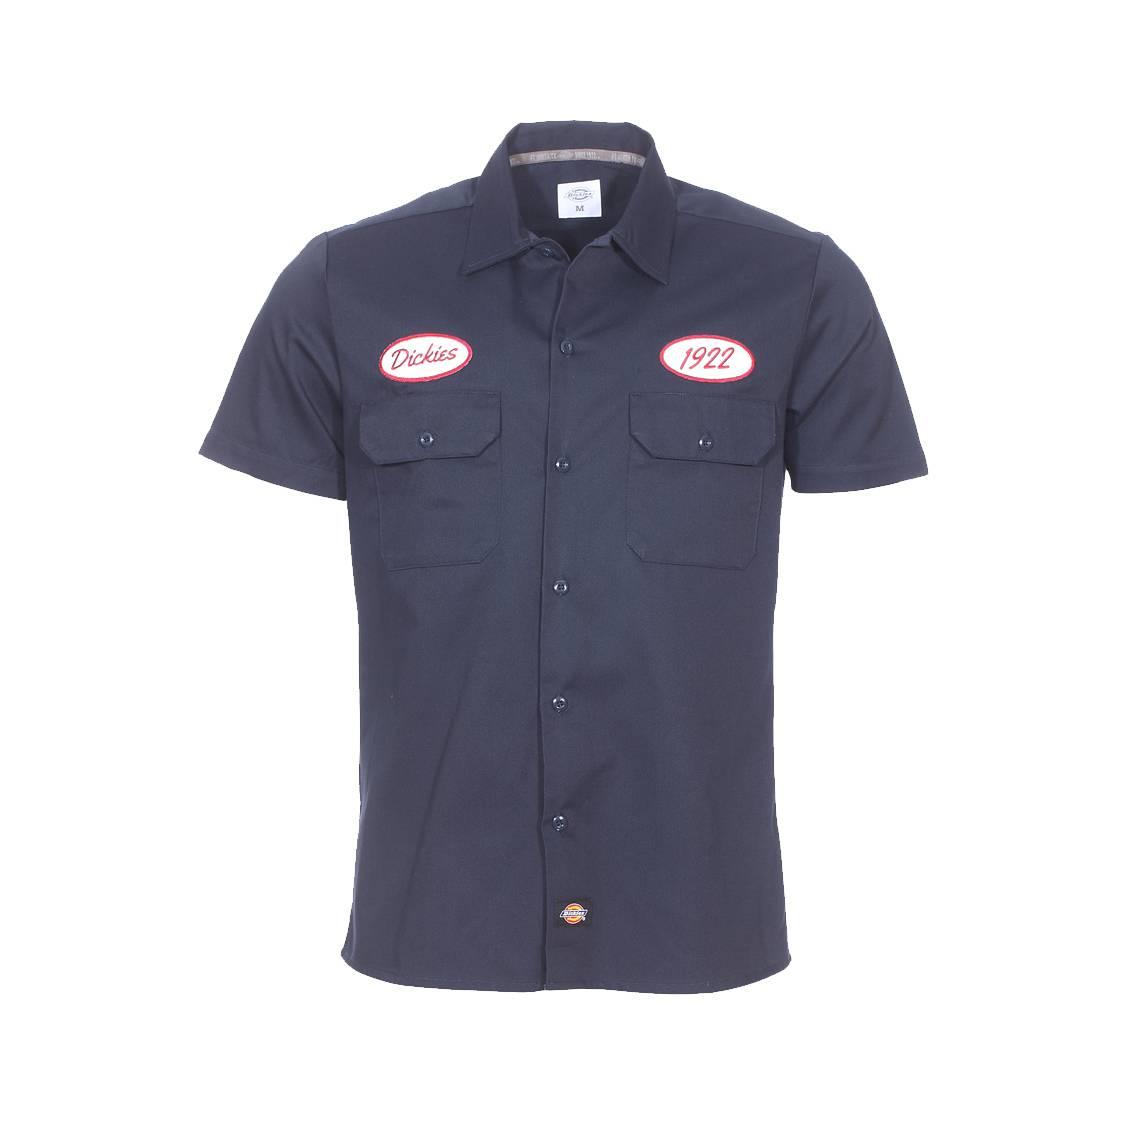 Chemise manches courtes  bleu navy brodée de patch